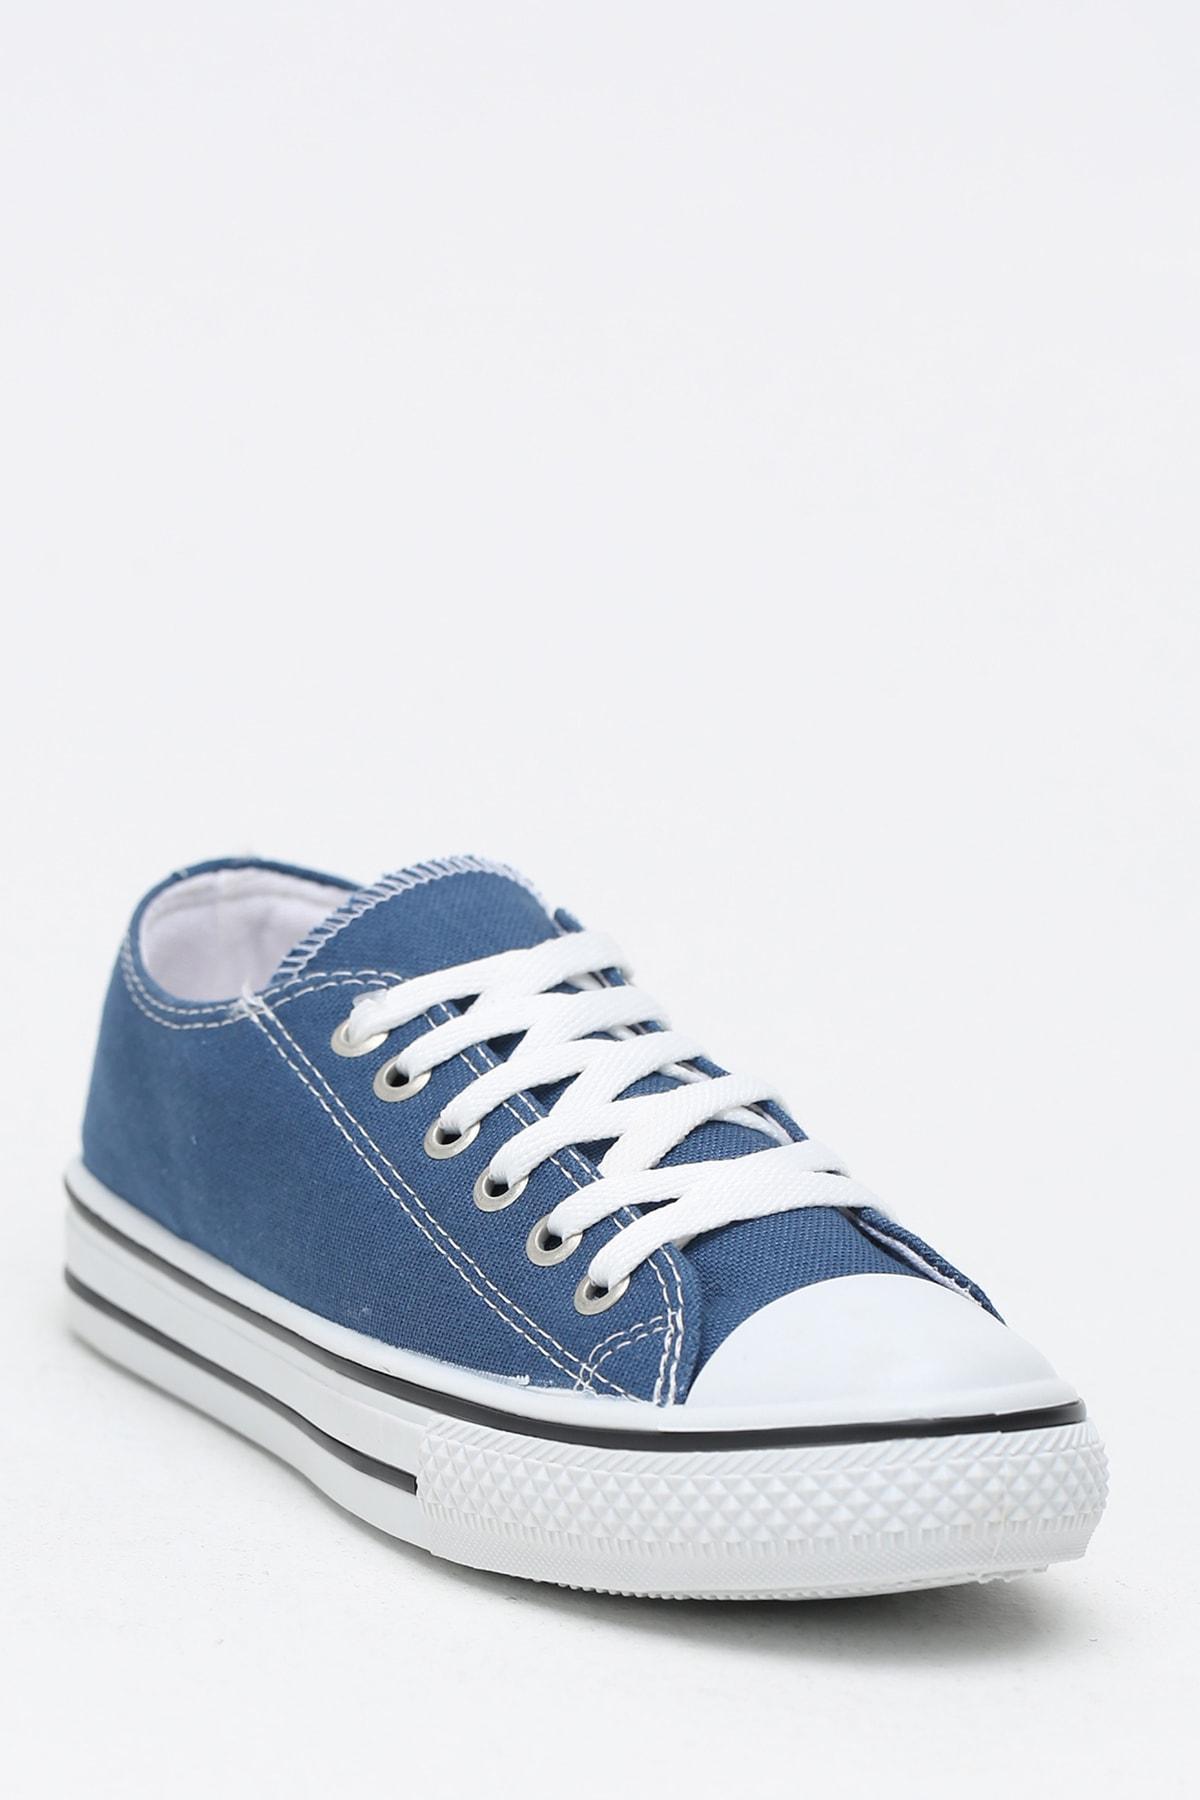 Ayakkabı Modası Lacivert Krem Kadın Ayakkabı M9999-19-100165R 2